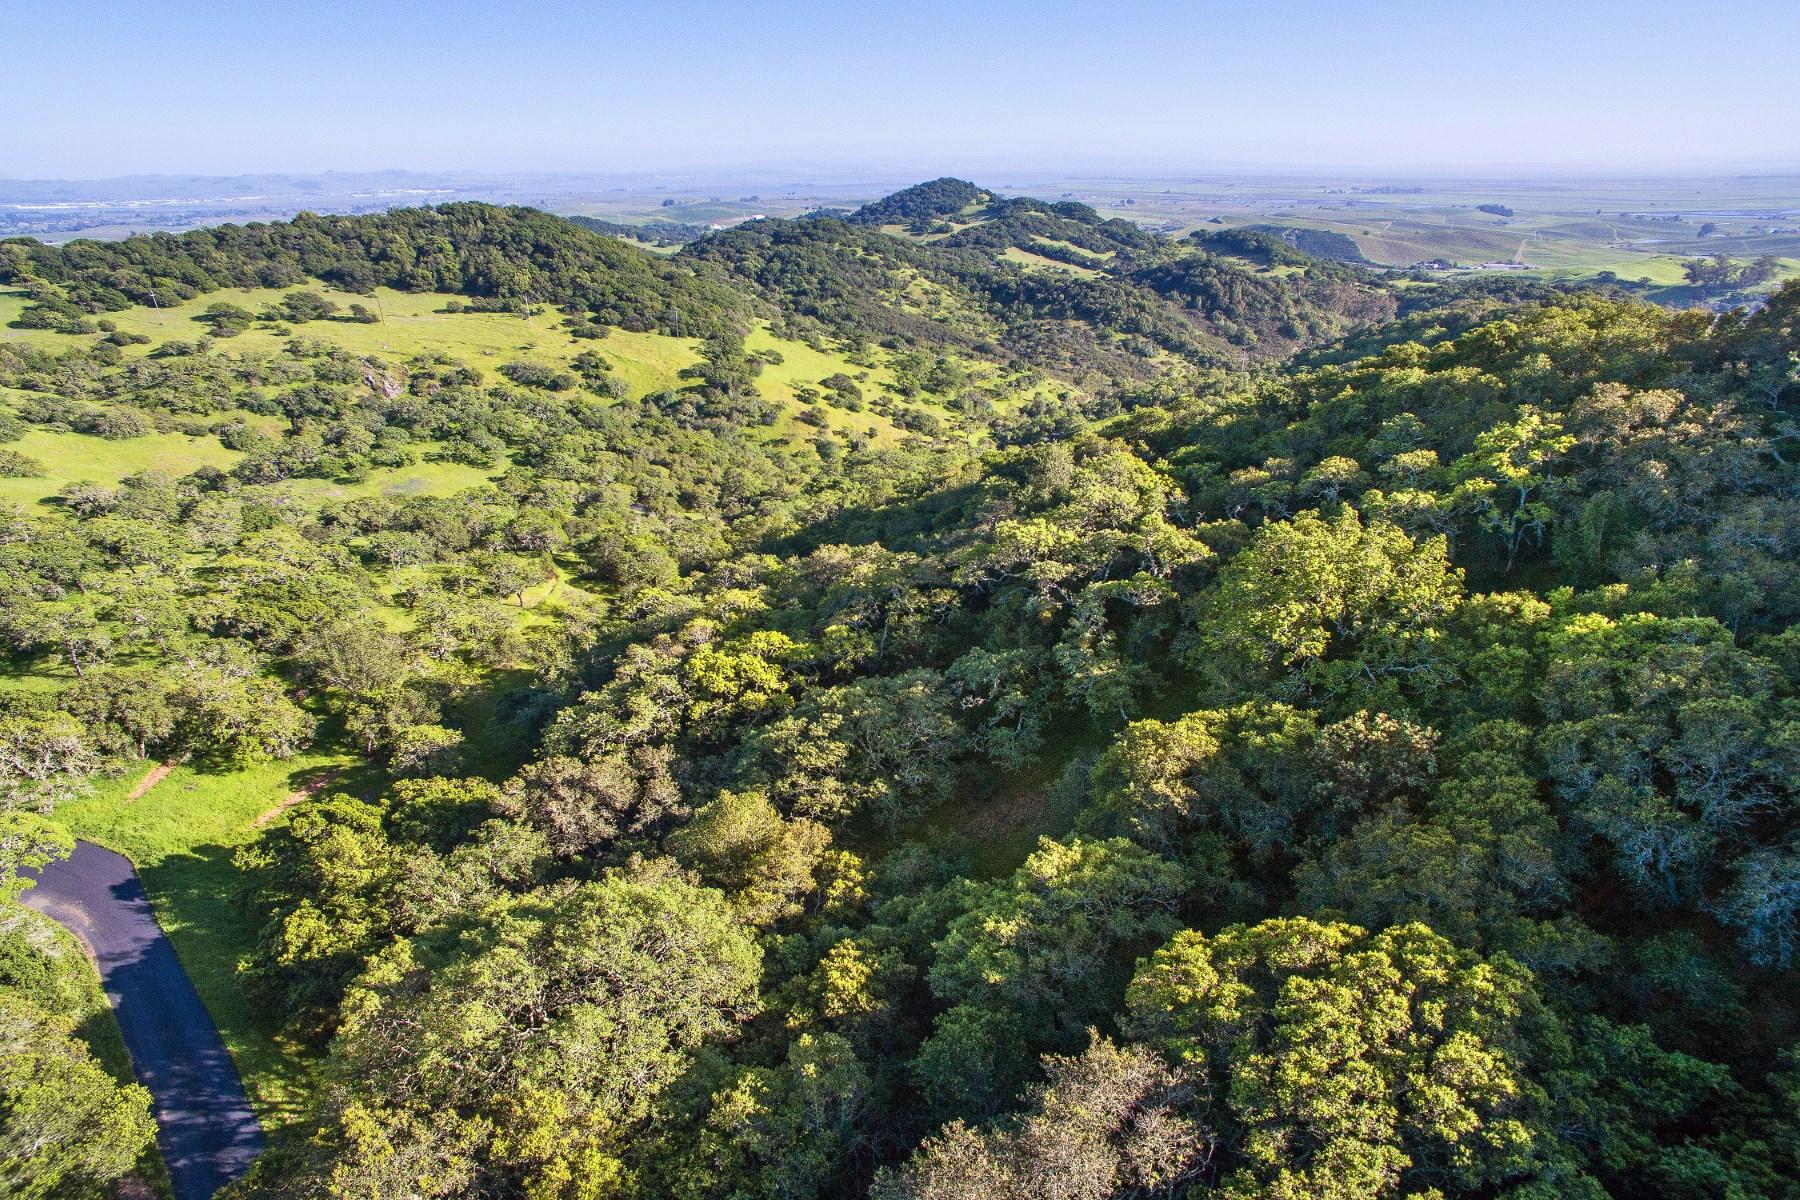 Einfamilienhaus für Verkauf beim Over 10 Acres of Exceptional Level Land 19292 Arrowhead Mountain Rd. Sonoma, Kalifornien, 95476 Vereinigte Staaten